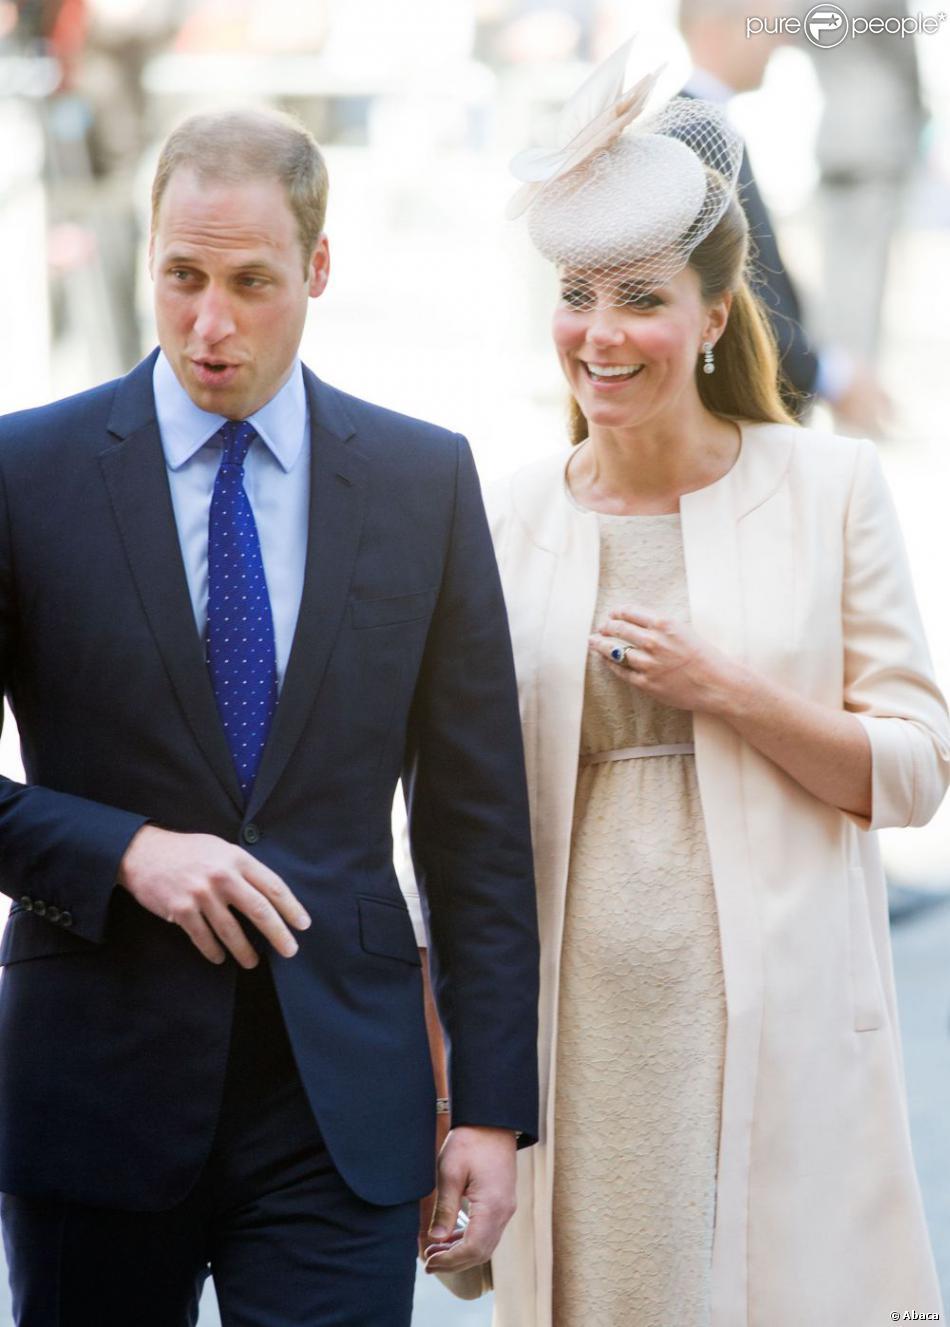 Le prince William et Kate Middleton, duc et duchesse de Cambridge, lors du service à Westminster pour les 60 ans du couronnement de la reine Elizabeth II en juin 2013.